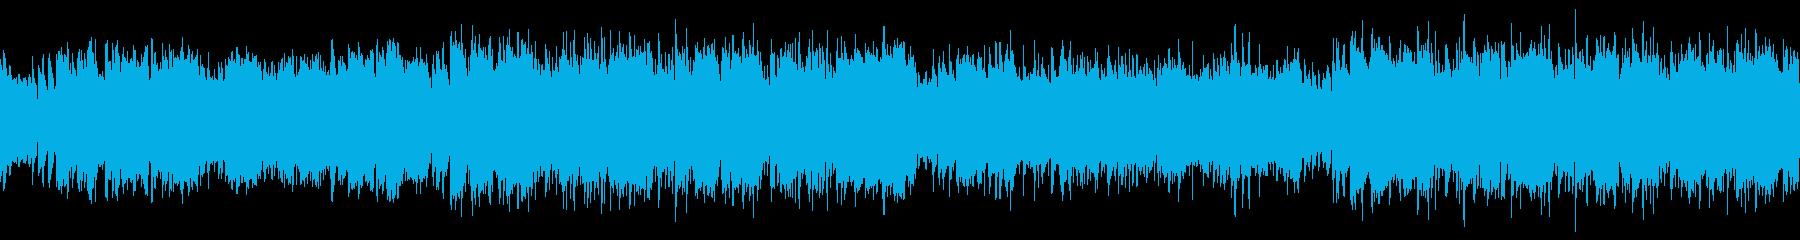 ループ・ゲーム・かっこいいフラメンコの再生済みの波形